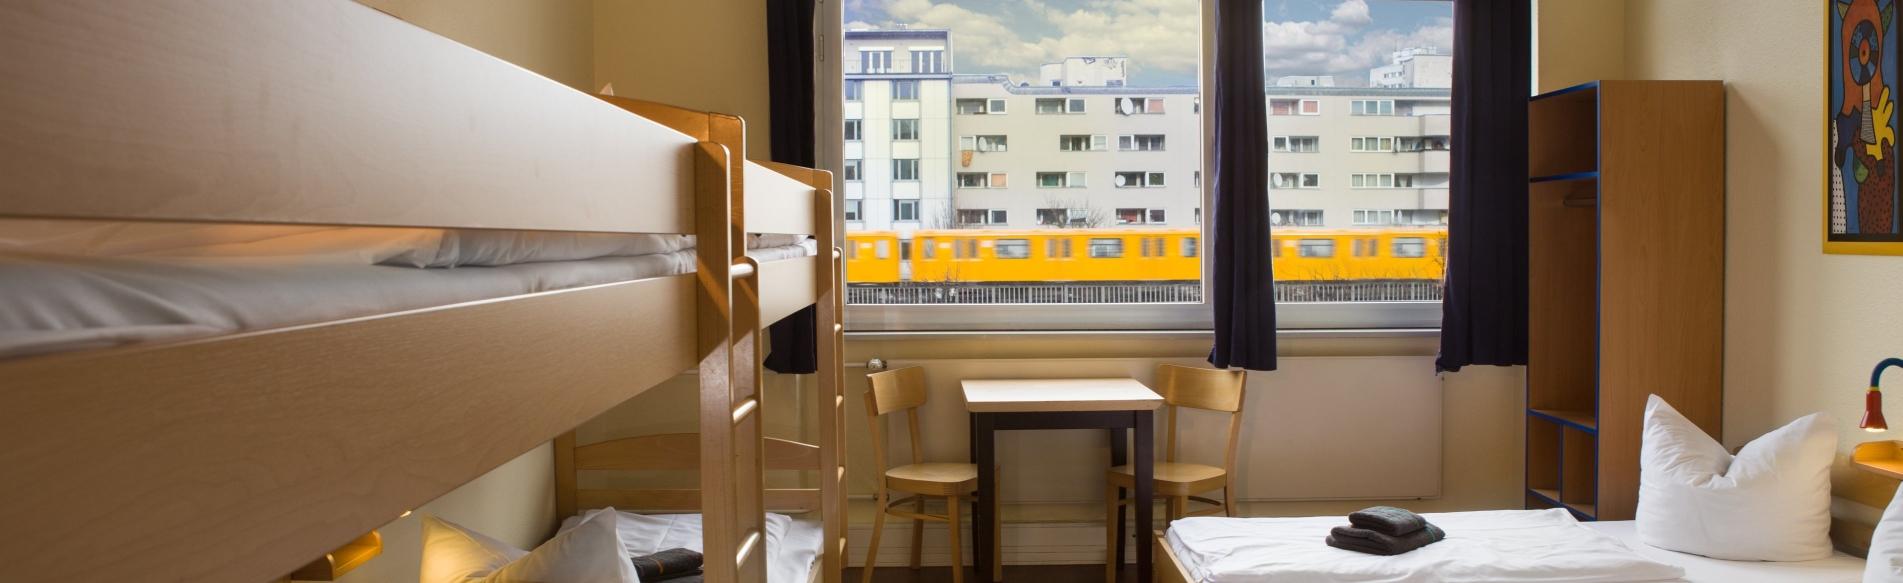 Hostel Berlin Kreuzberg